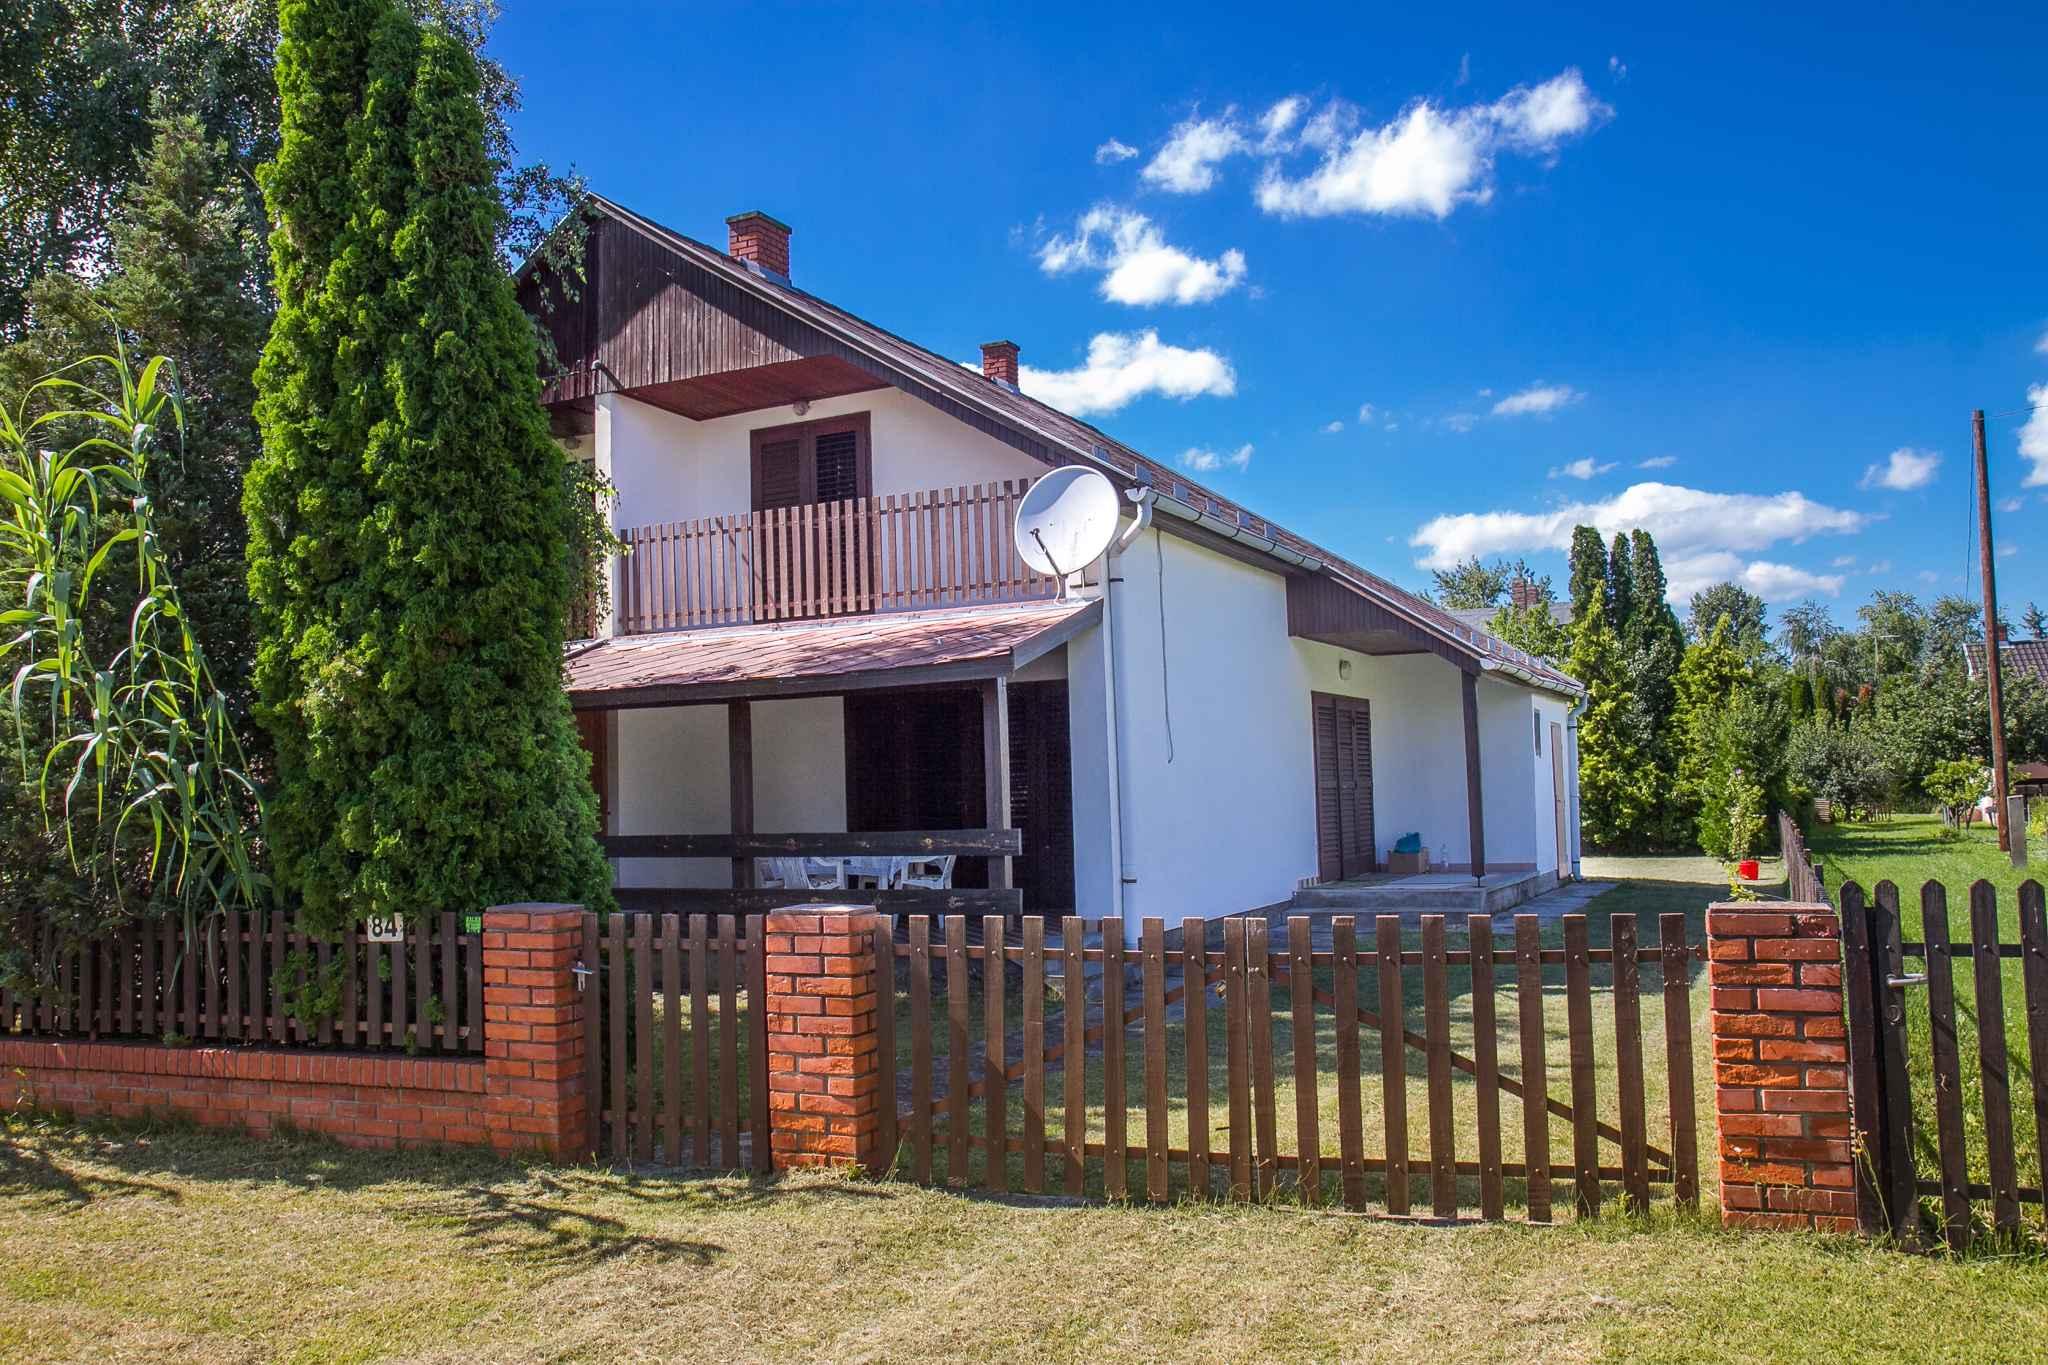 Ferienhaus ruhige, friedliche Lage  in Ungarn